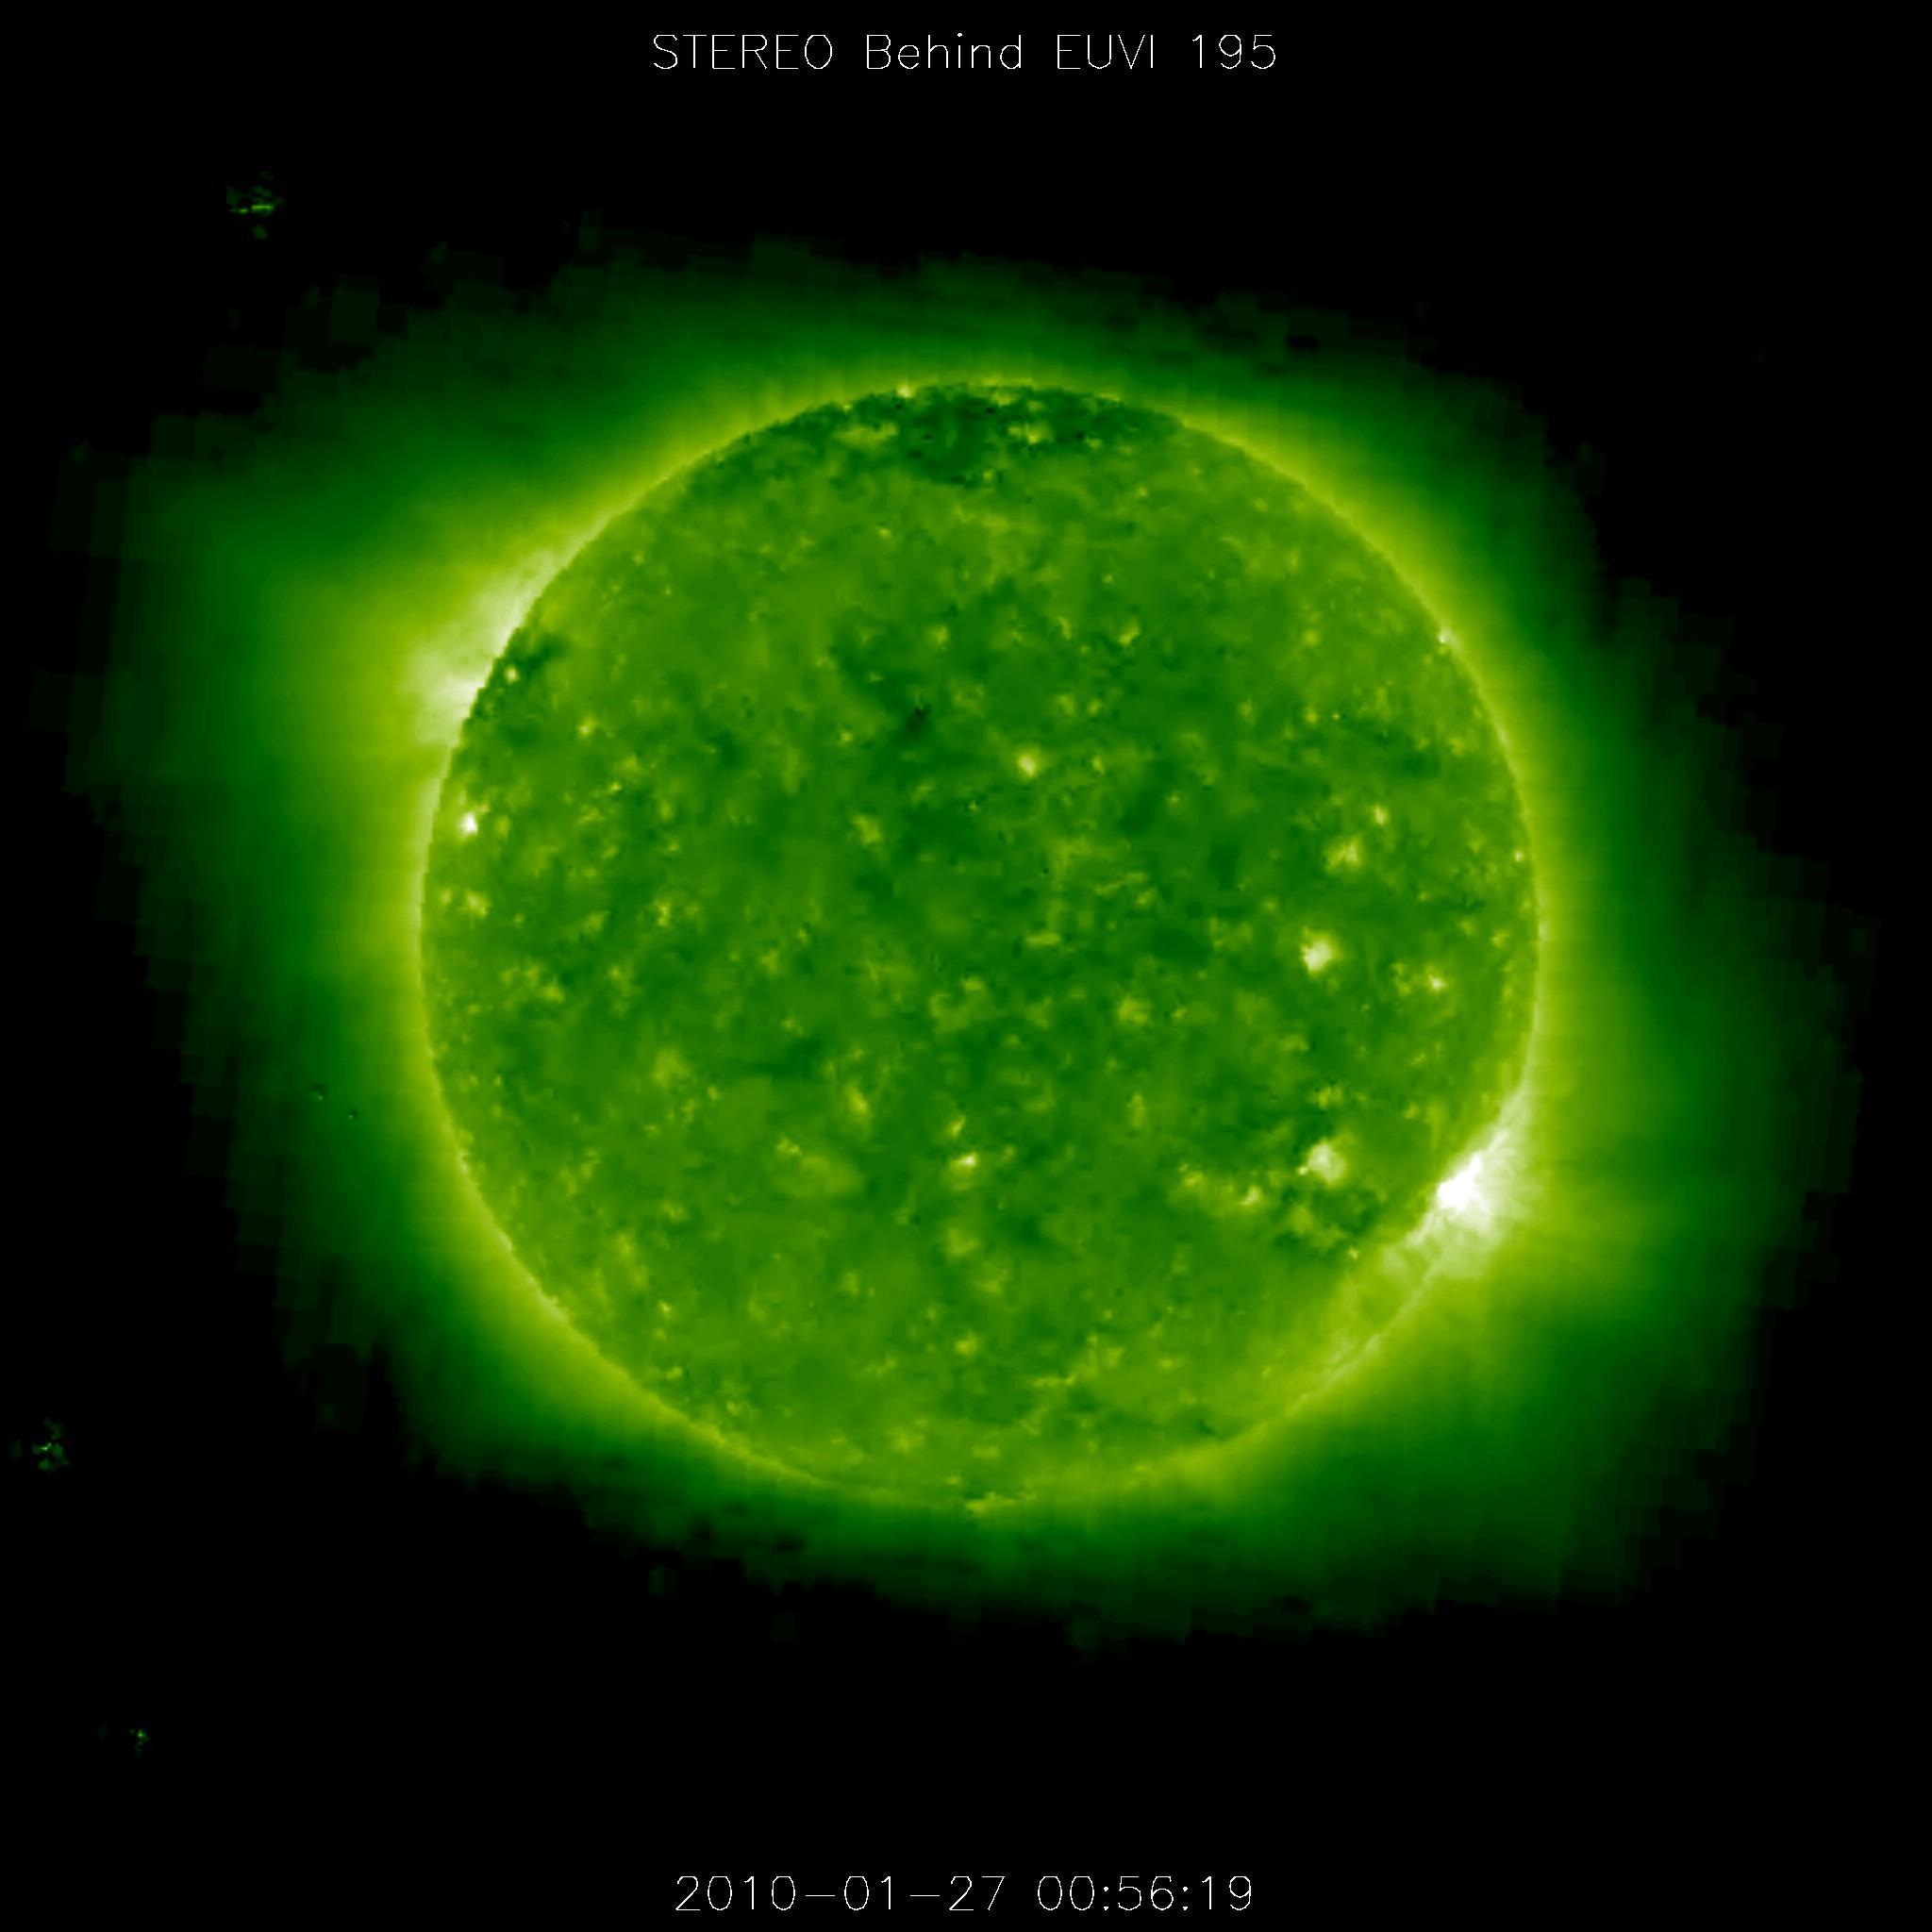 """太陽の周りを回る""""謎の宇宙文明""""?:NASAその証拠を消去!?_e0171614_18474821.jpg"""